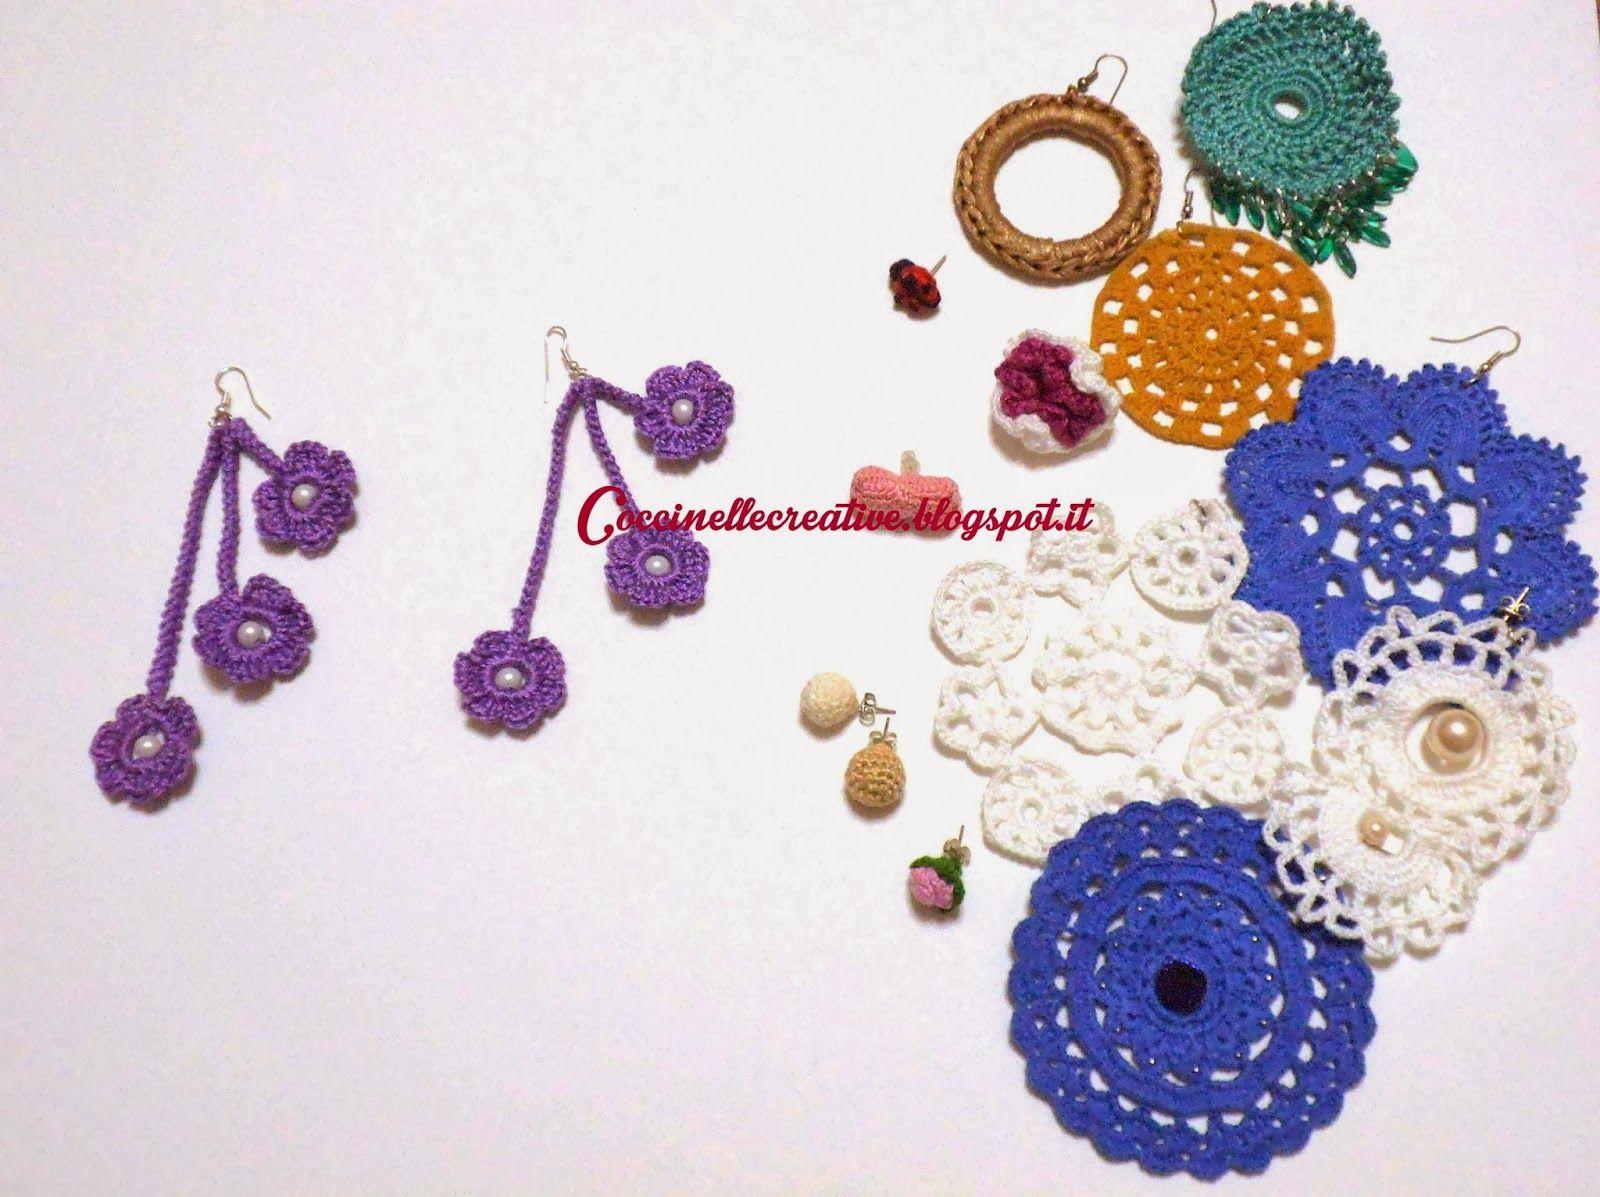 Orecchini Piccole Coccinelle realizzati a mano, venite a vederli tutti, per informazione ⇨ http://coccinellecreative.blogspot.it/search/label/orecchini